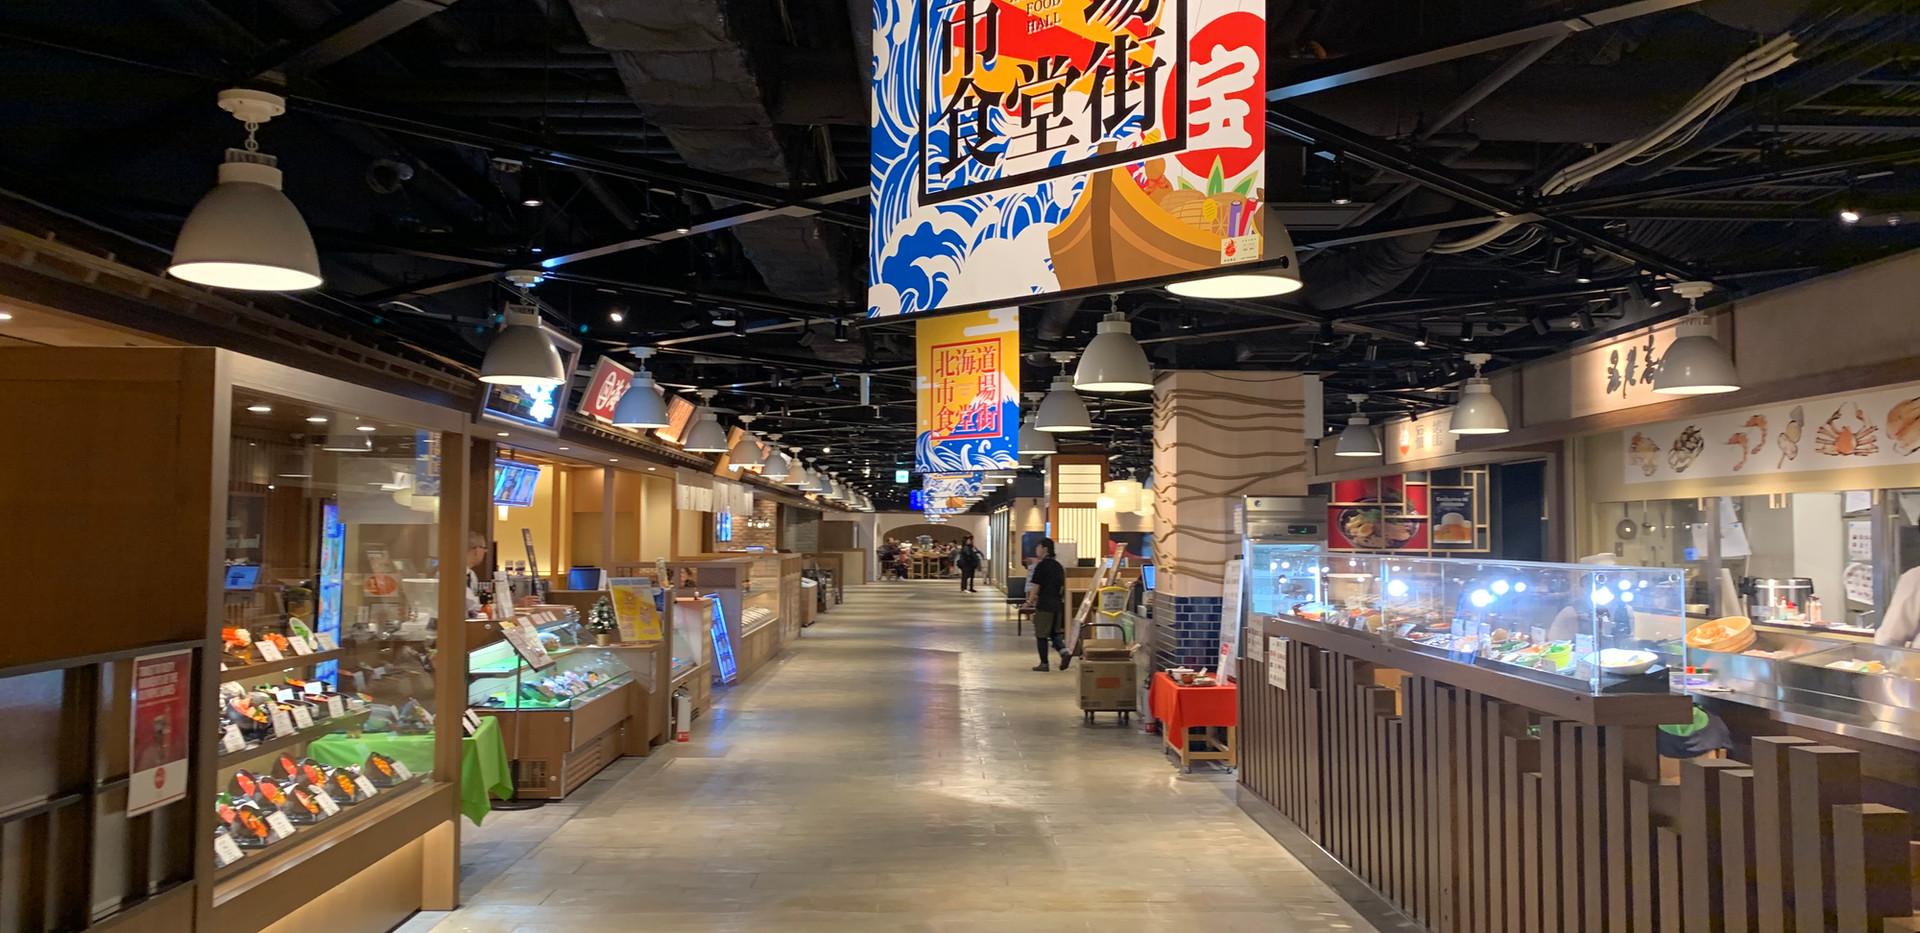 北海道市場食街堂 7.JPG